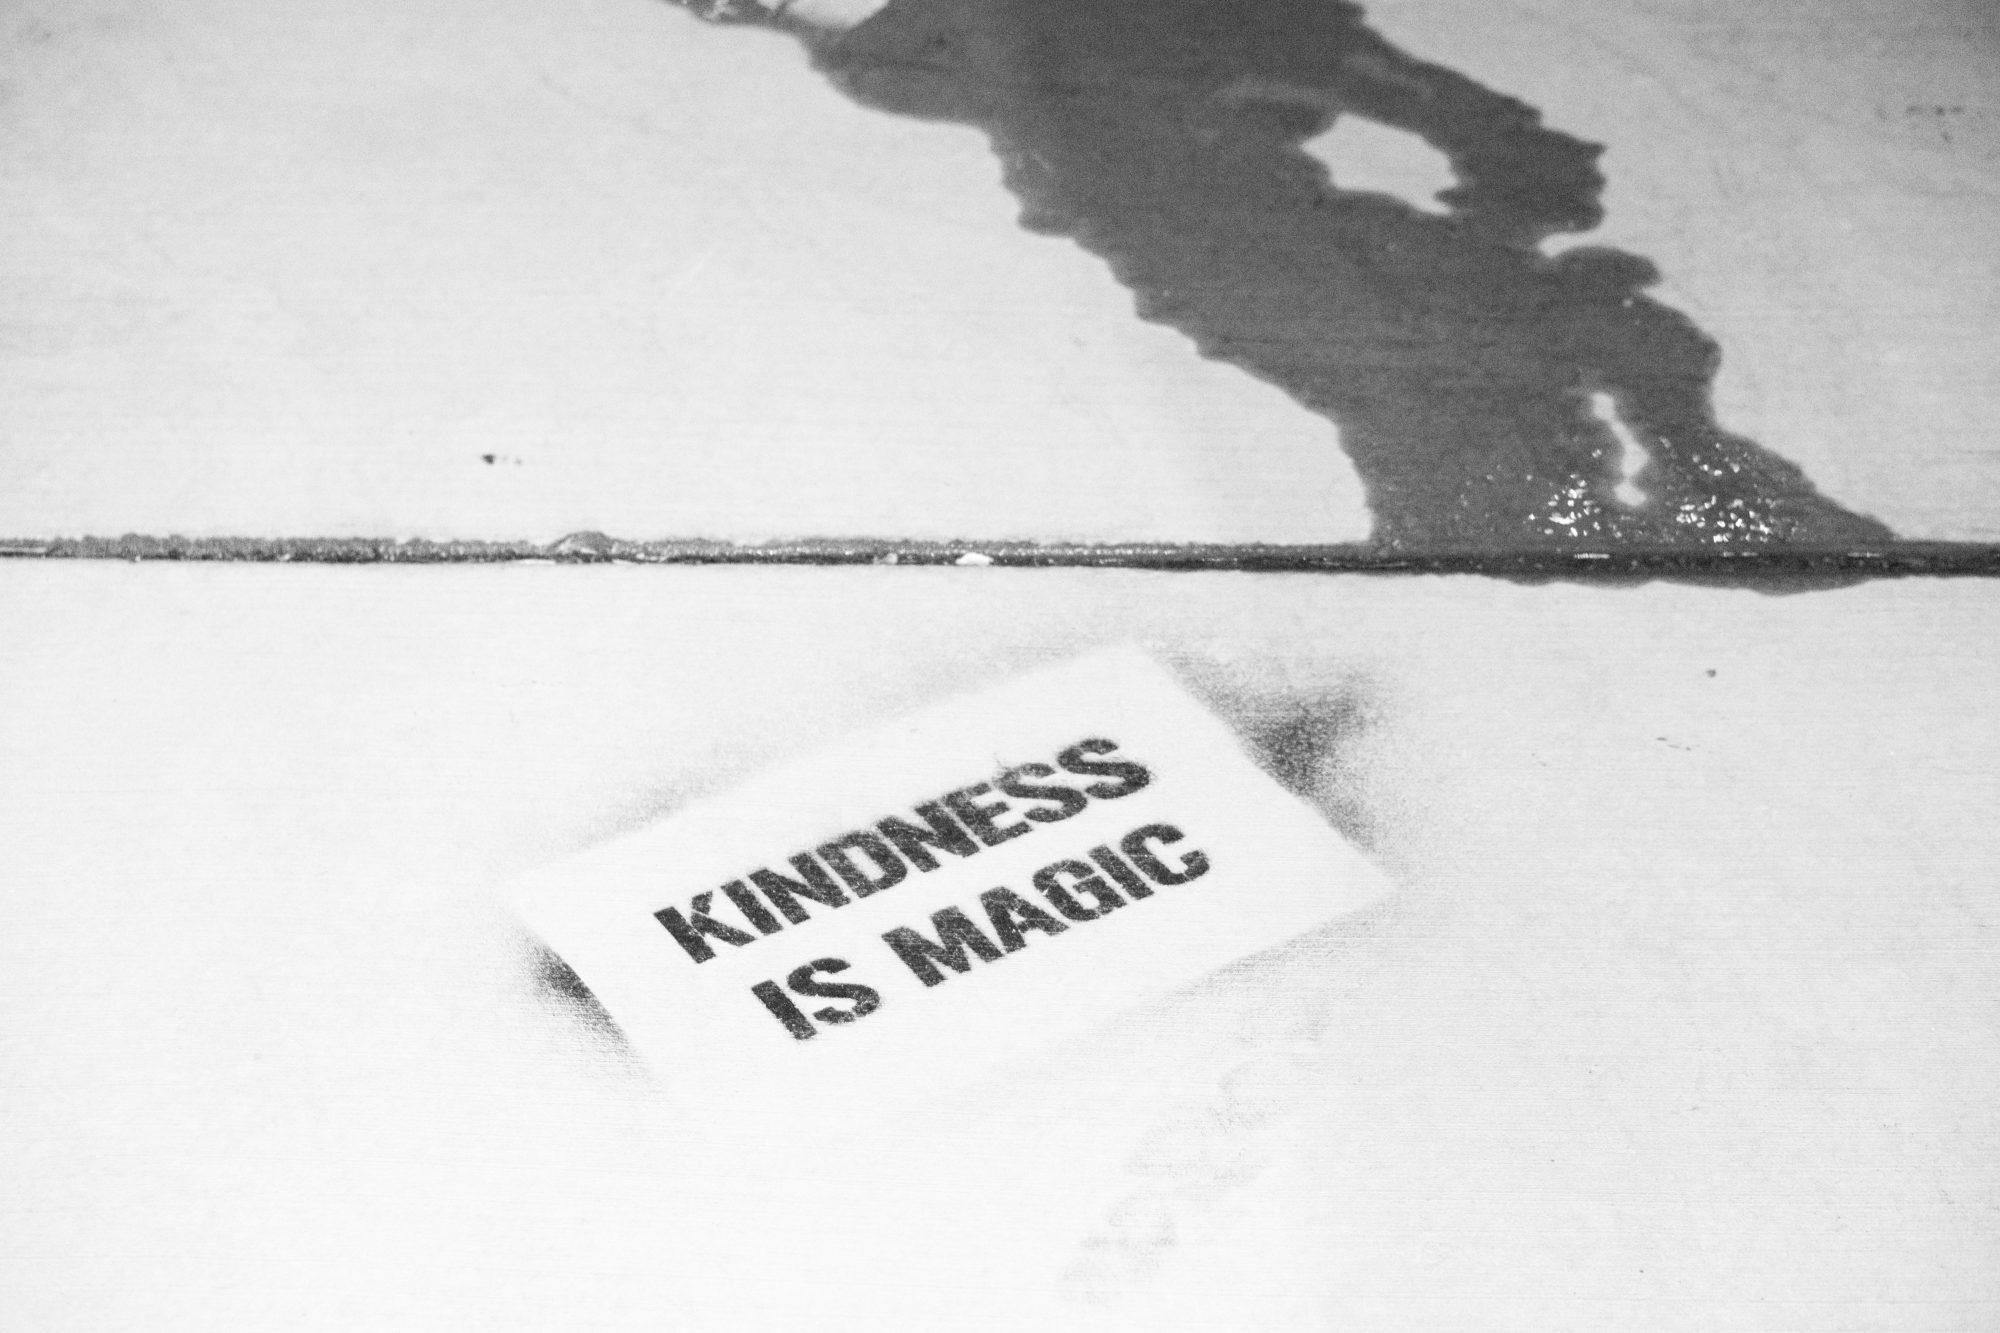 Un papier sur un sol avec dessus le texte Kindness is magic